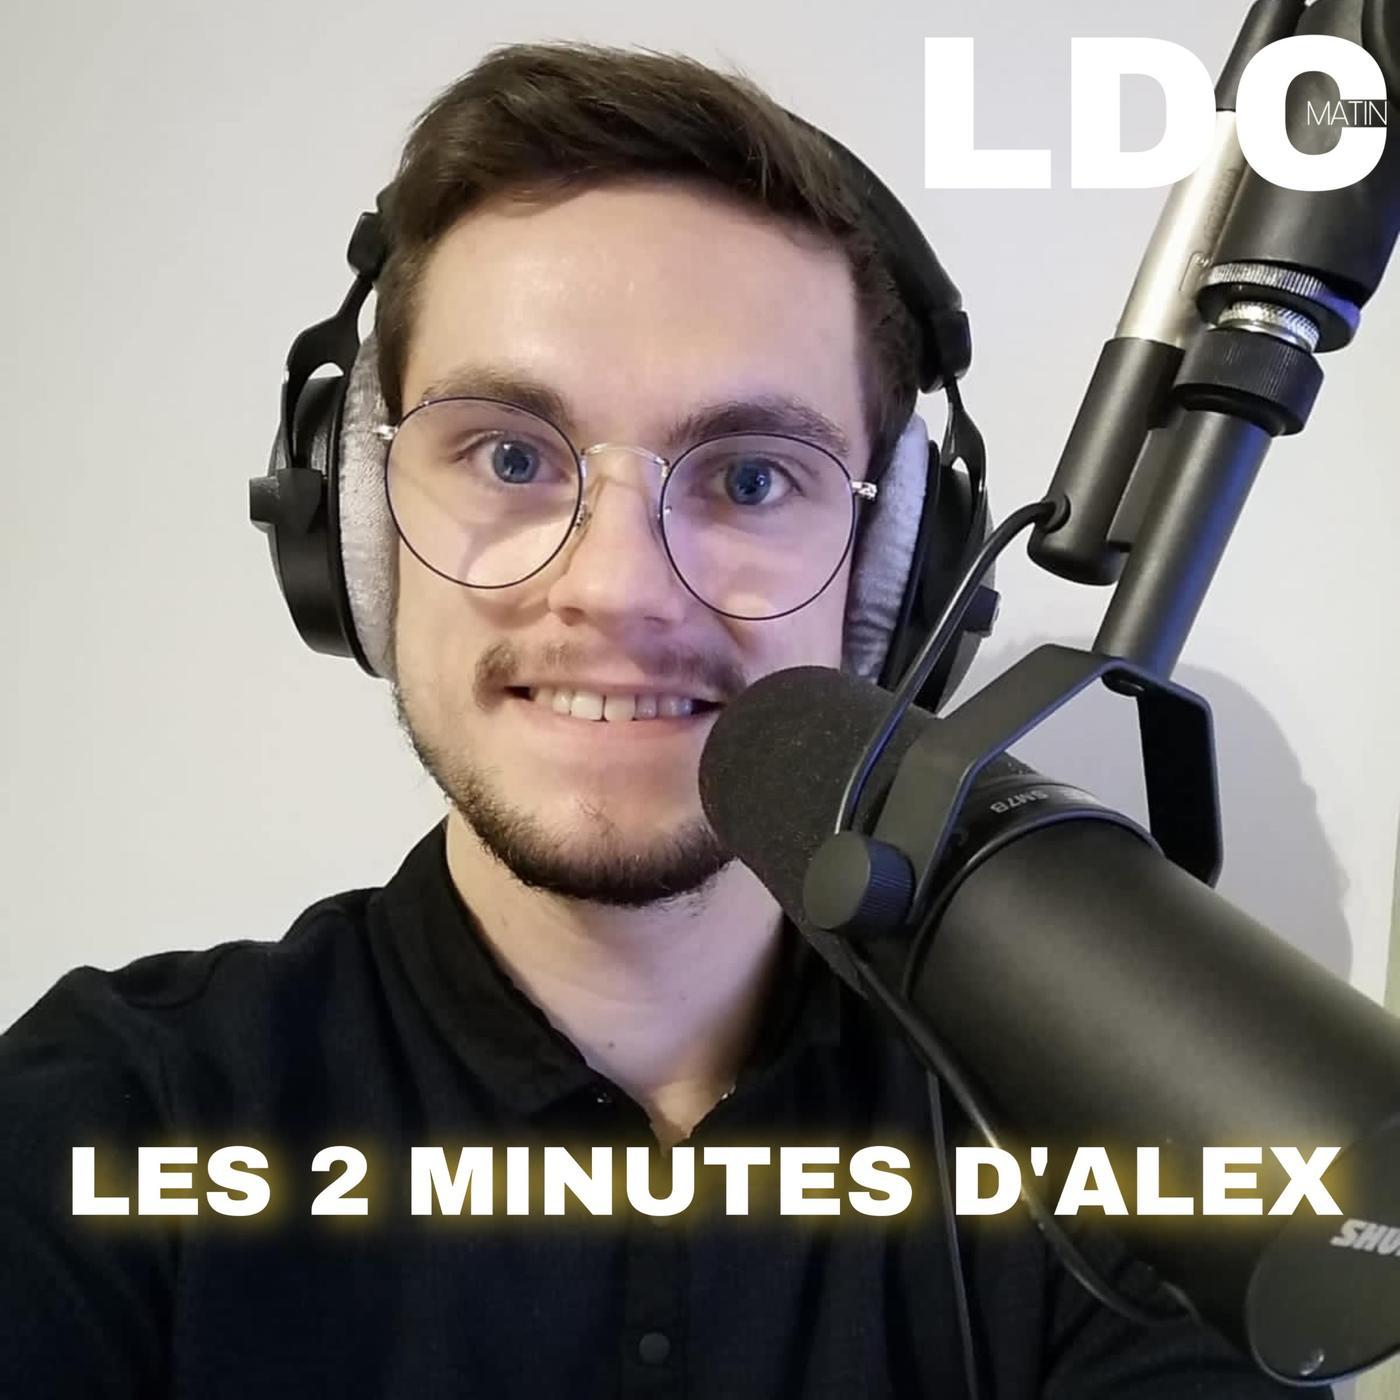 Les 2 minutes d'Alex ℹ 27/05 News ✅ Pas News ❎ / Il se déguise en parasole ⛱